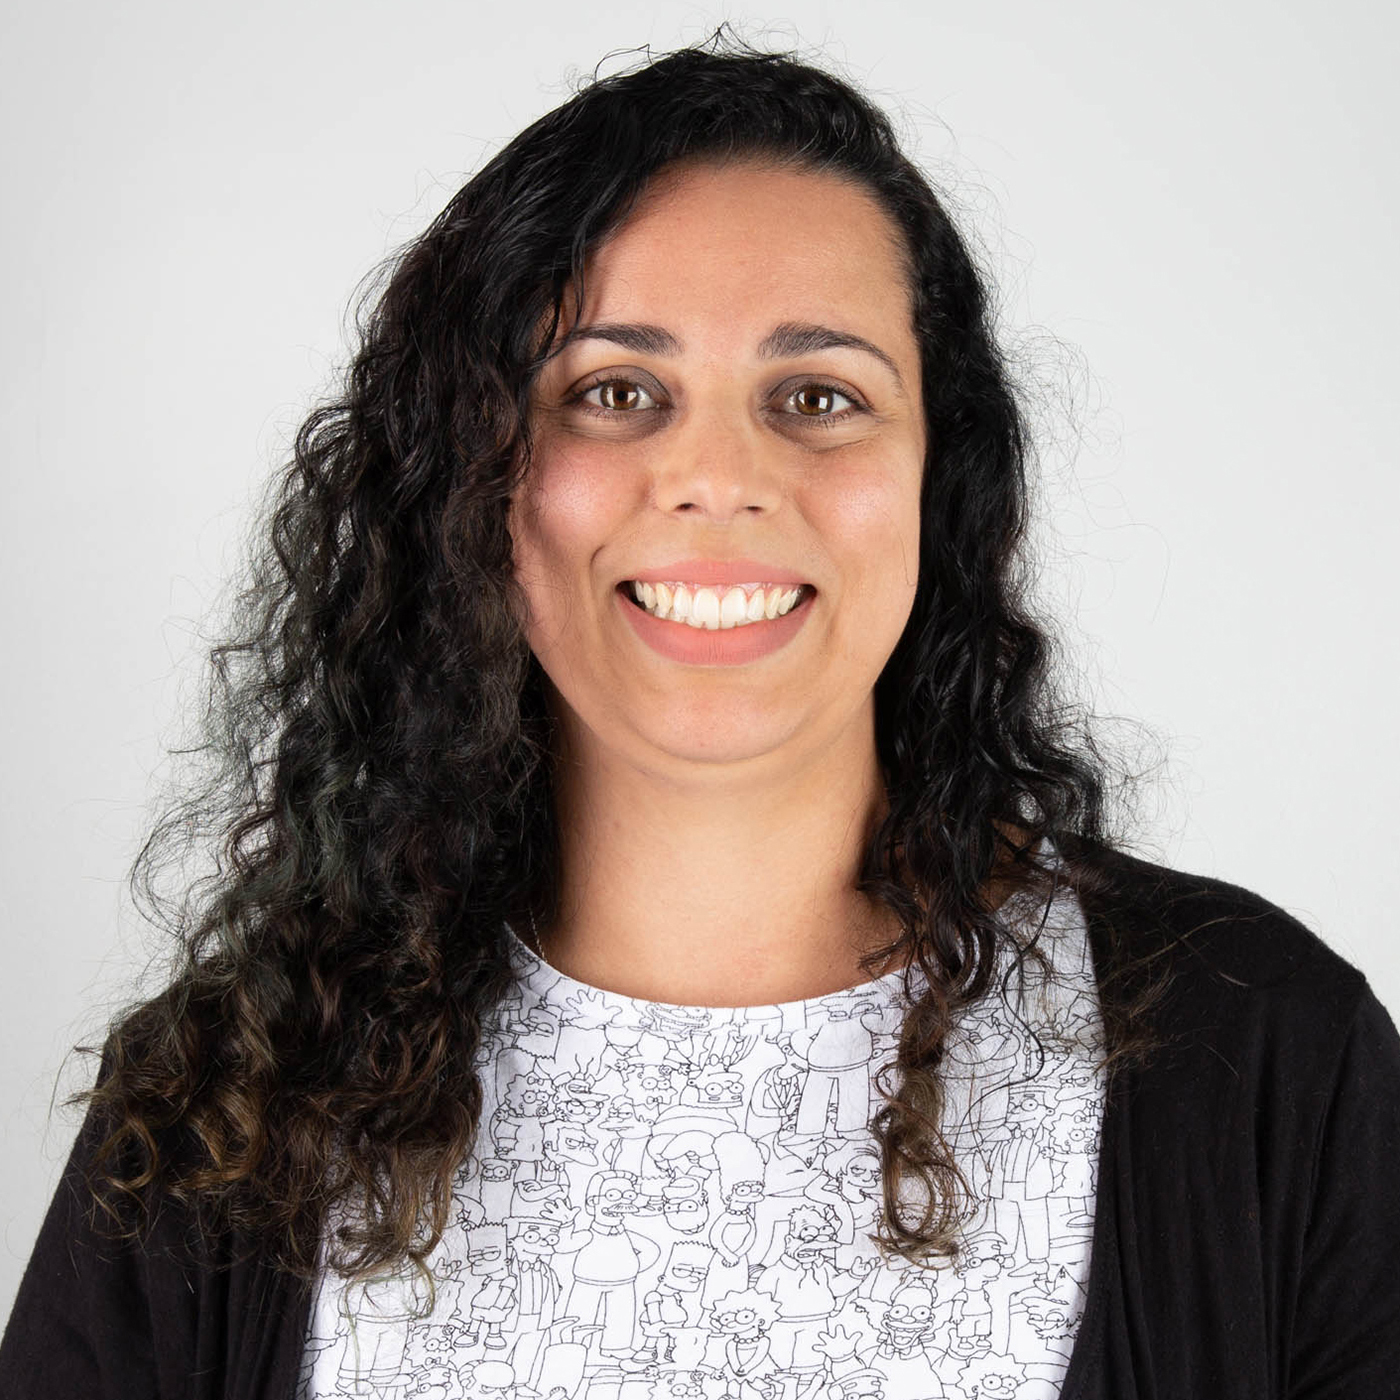 Vanessa Pedra